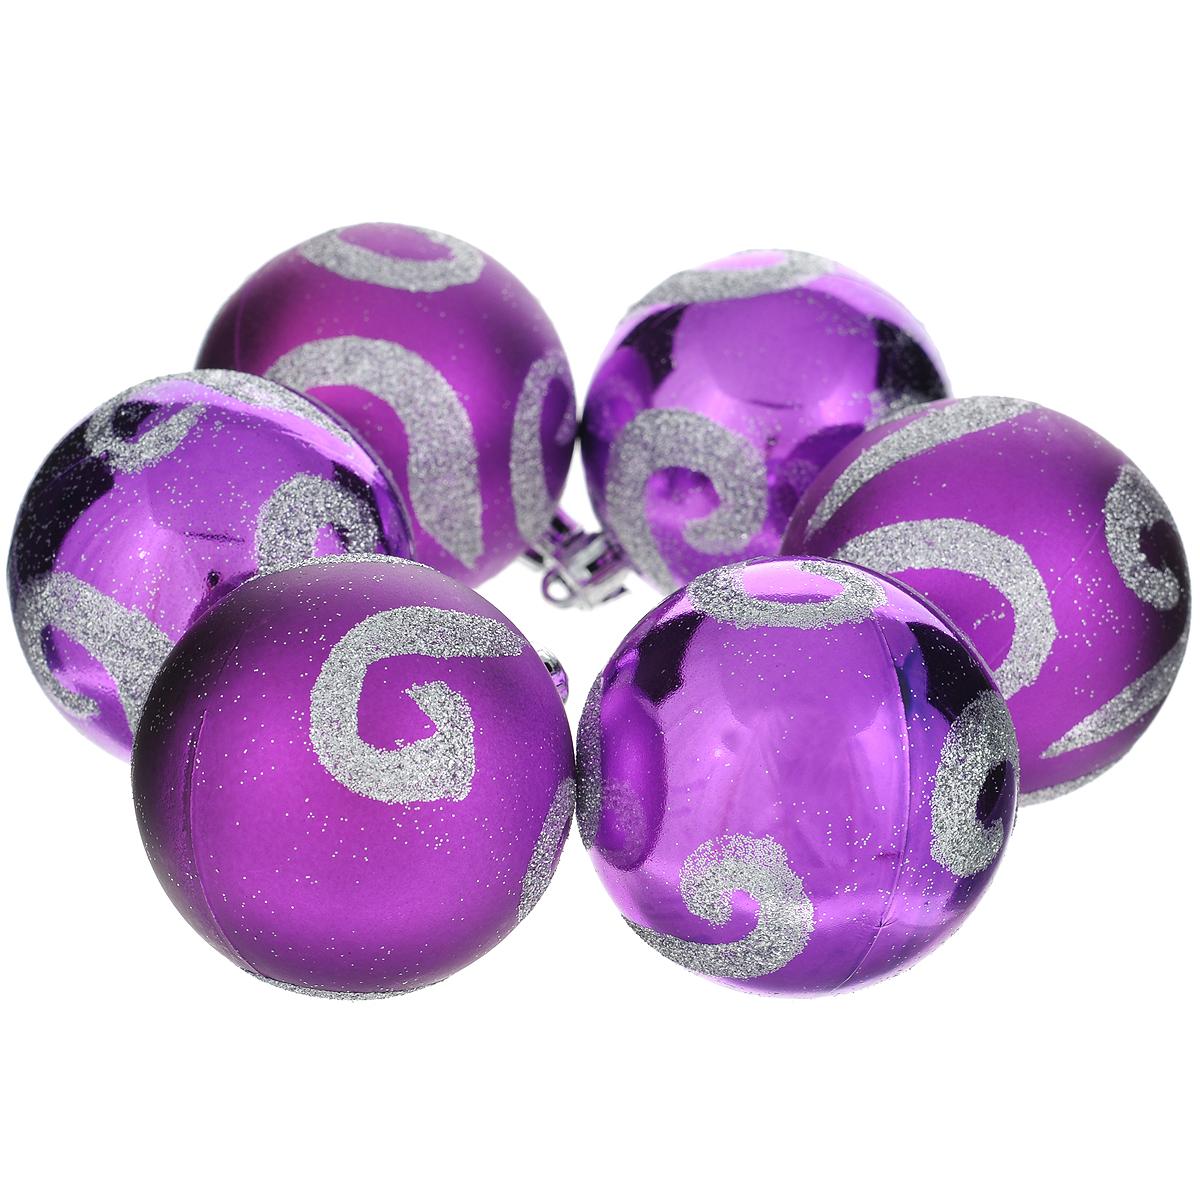 """Набор новогодних подвесных украшений """"Шар"""", цвет: фиолетовый, диаметр 6 см, 6 шт. 35549"""